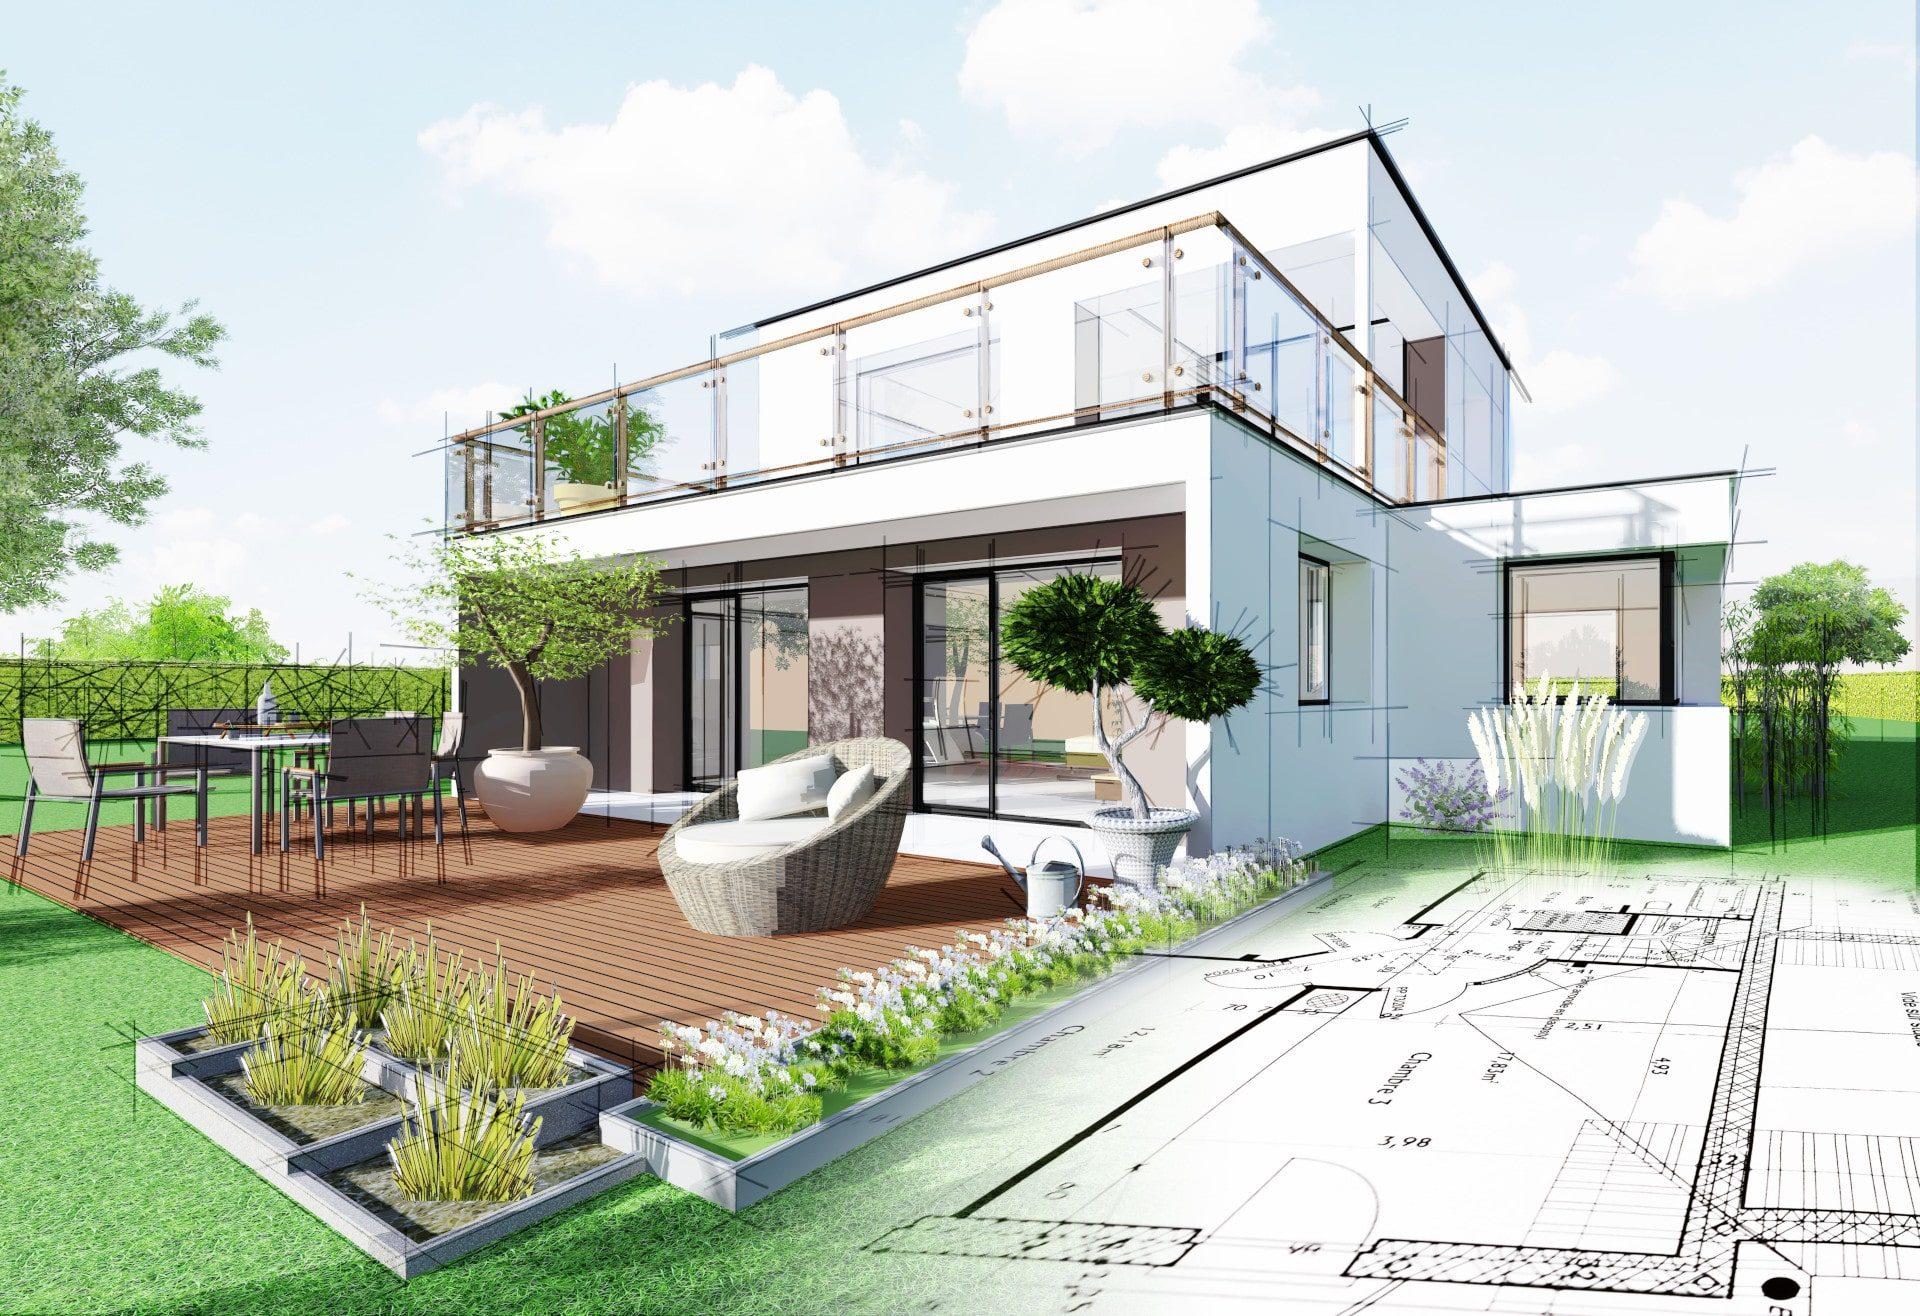 Plan d'une maison à étage contemporaine avec une terrasse en bois